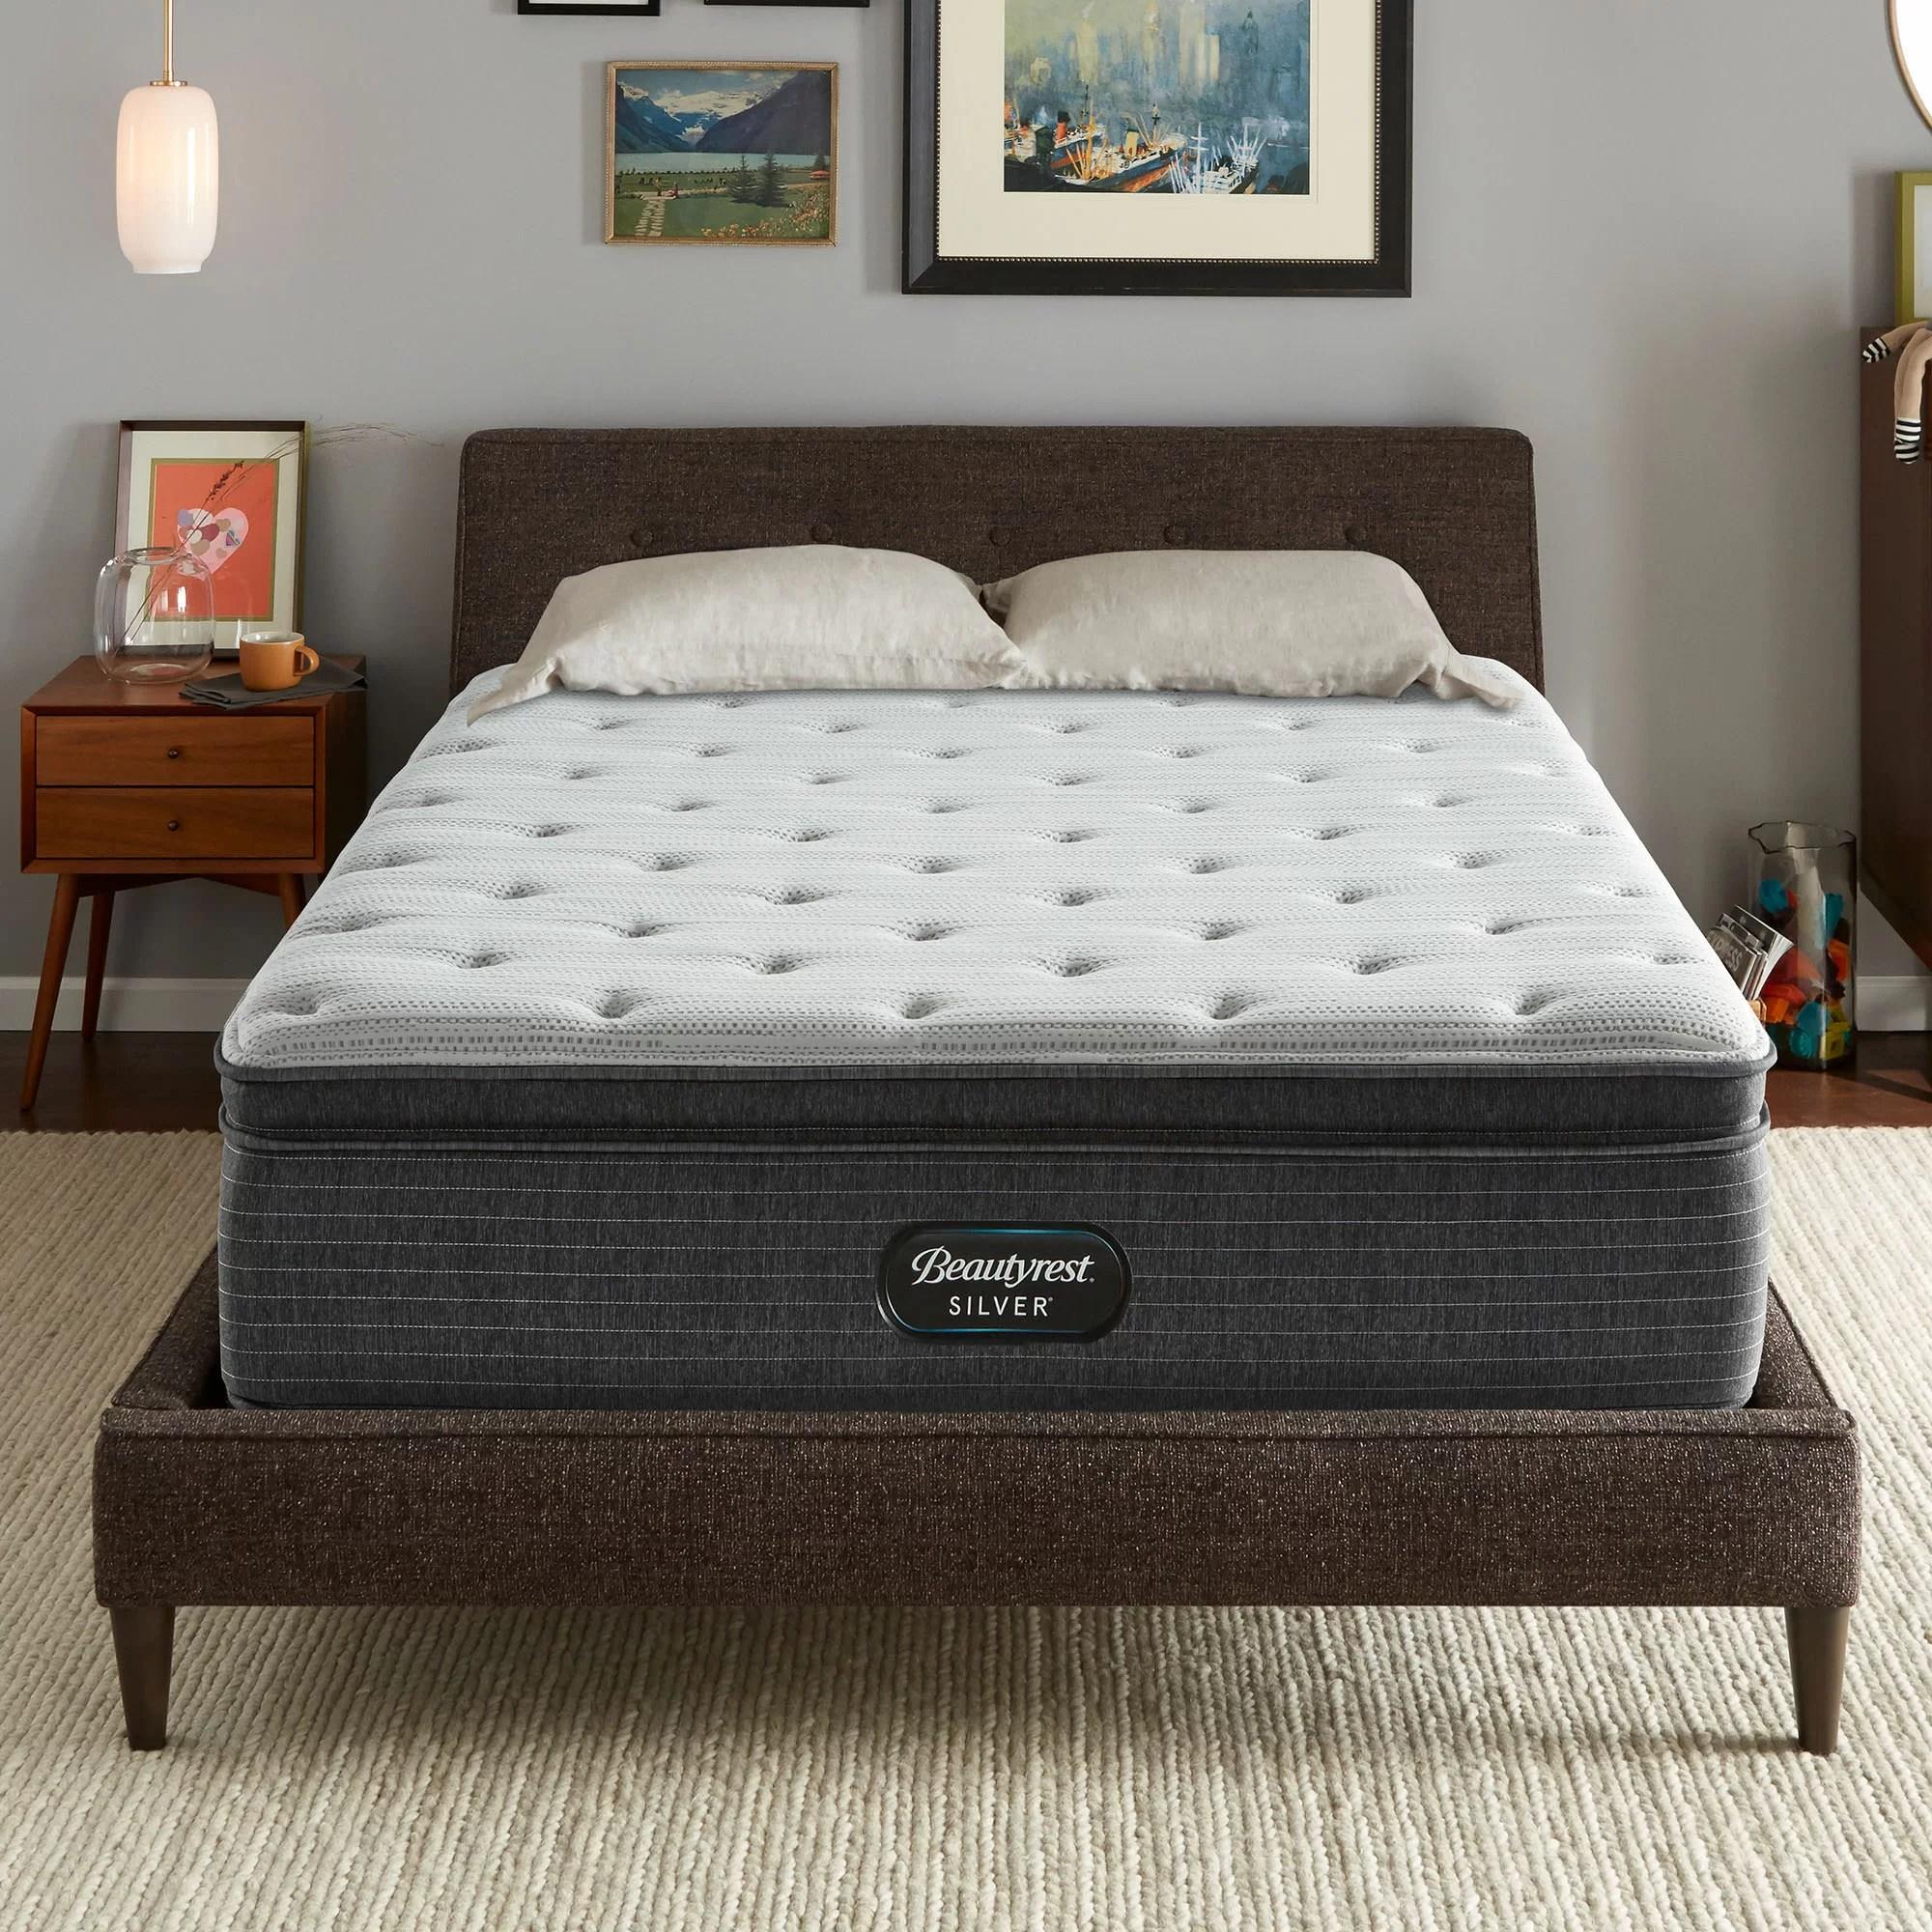 beautyrest silver 16 plush pillow top mattress